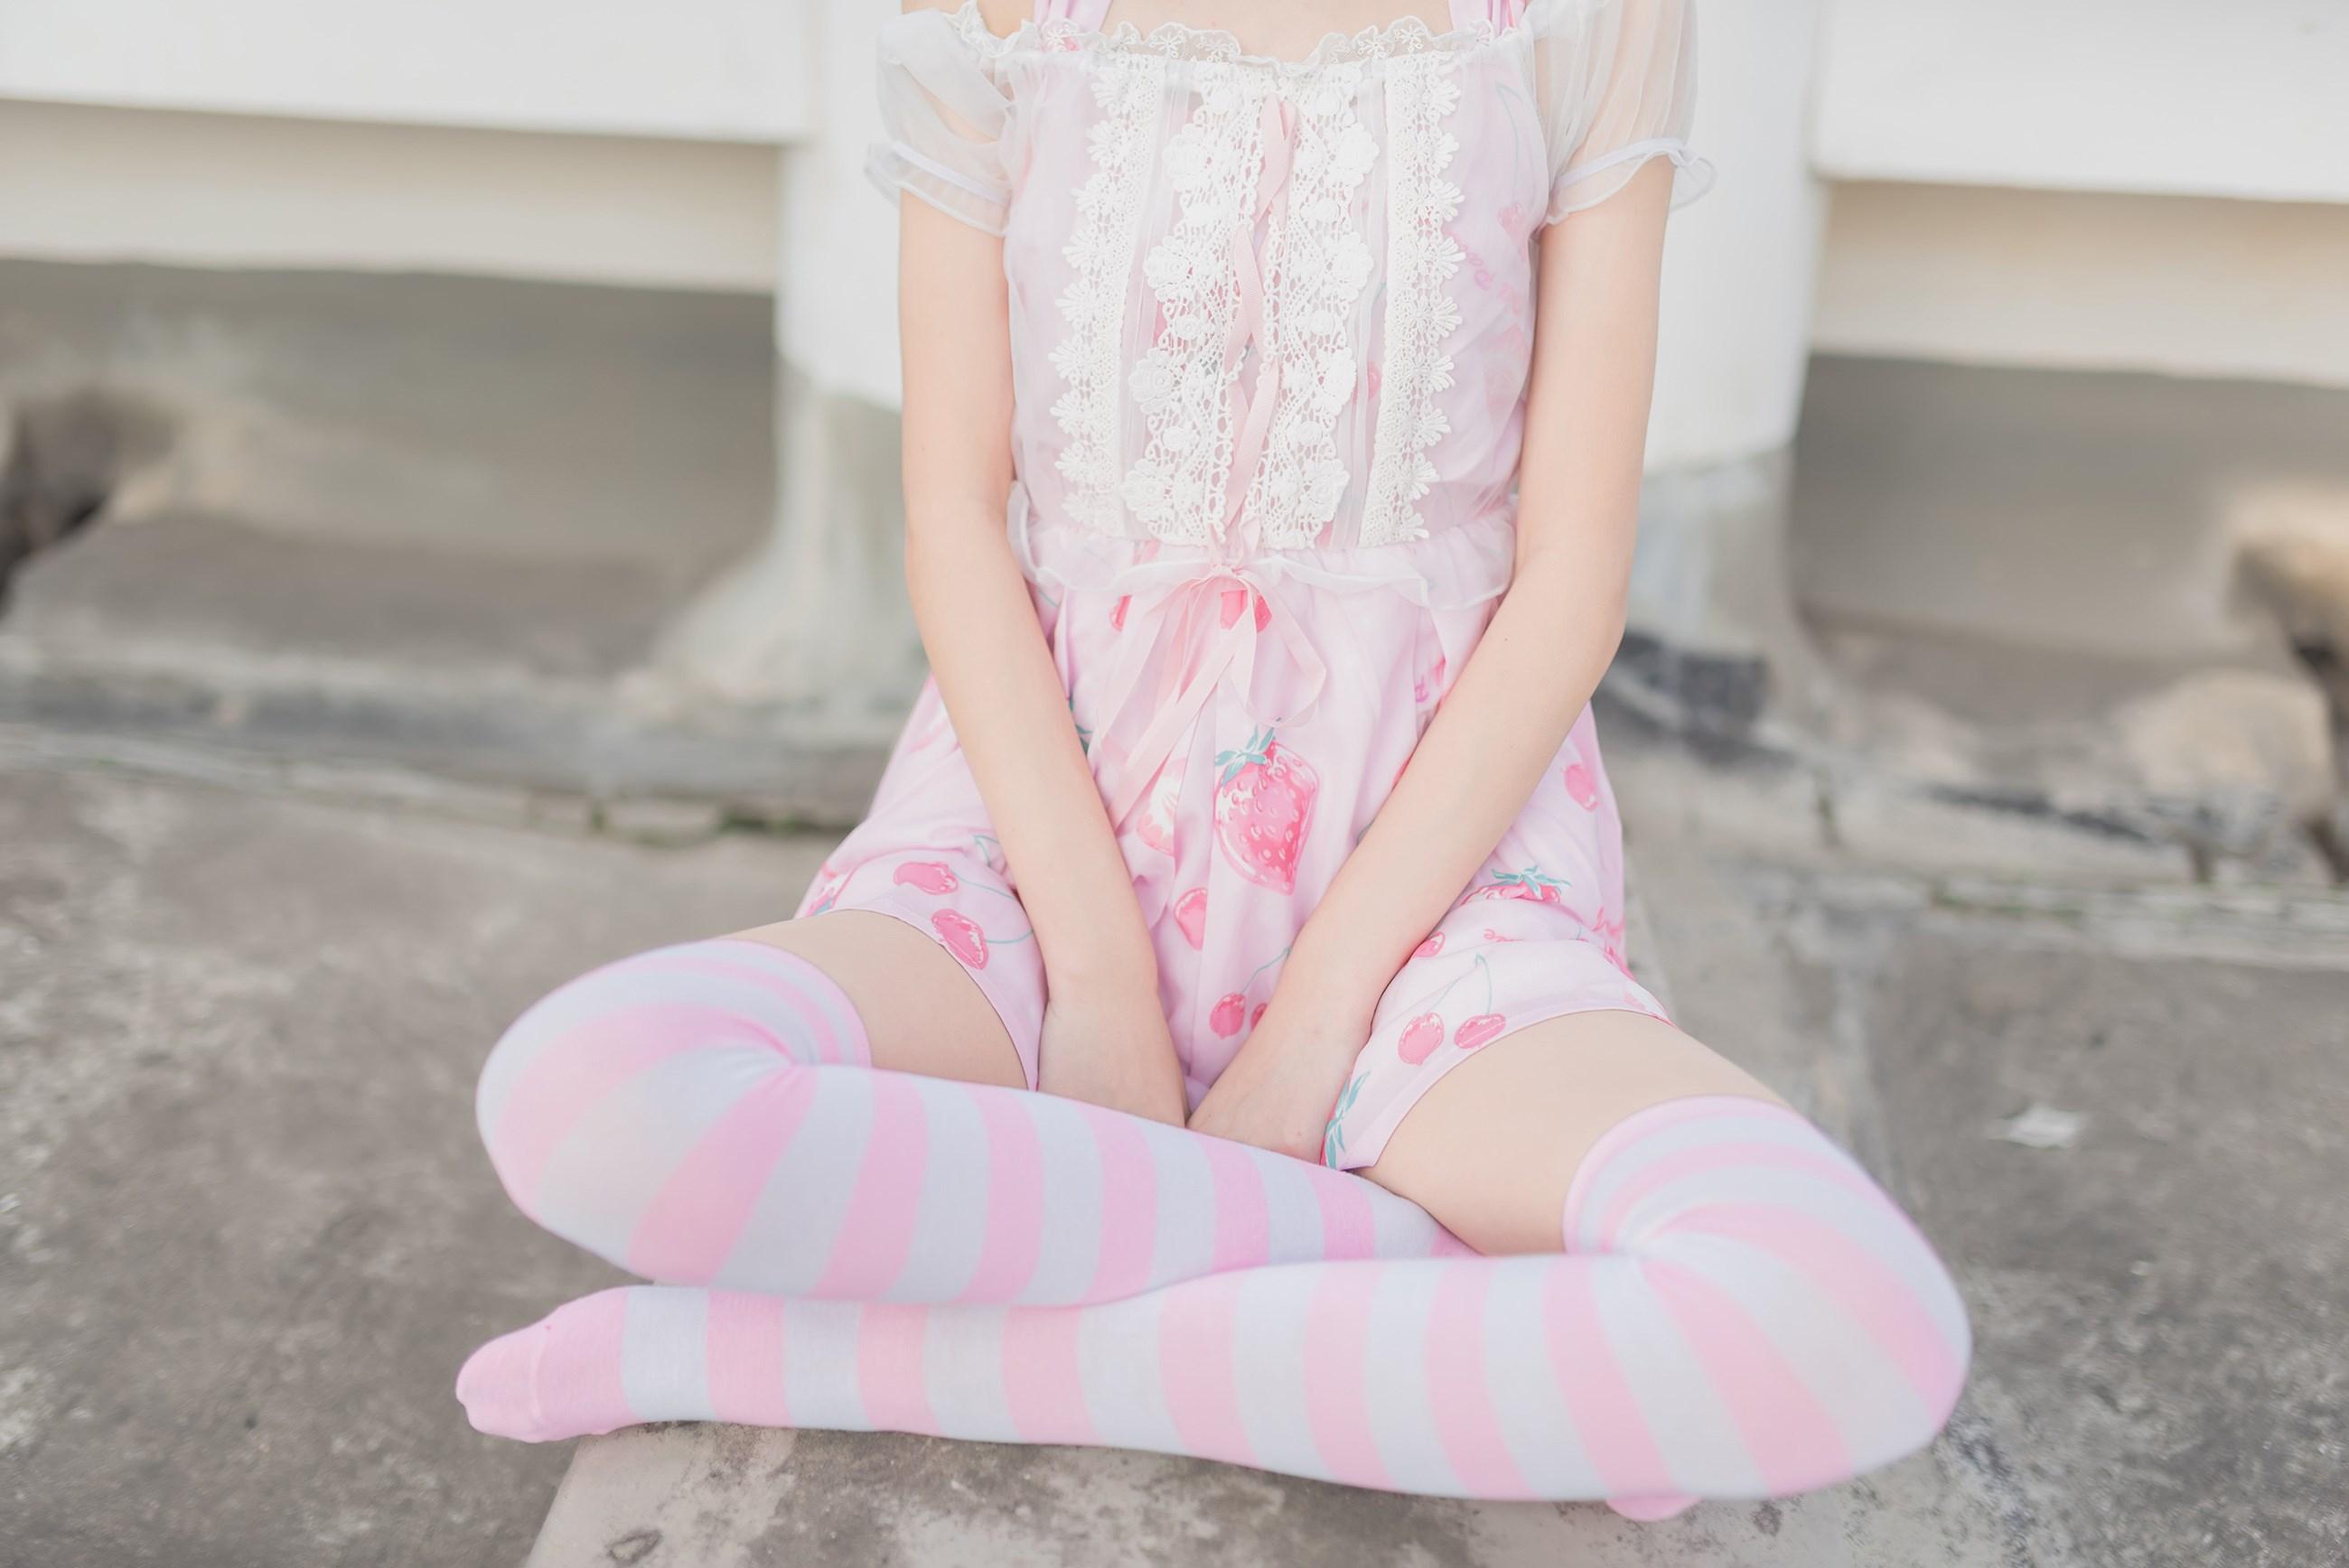 【兔玩映画】粉白条纹 兔玩映画 第9张